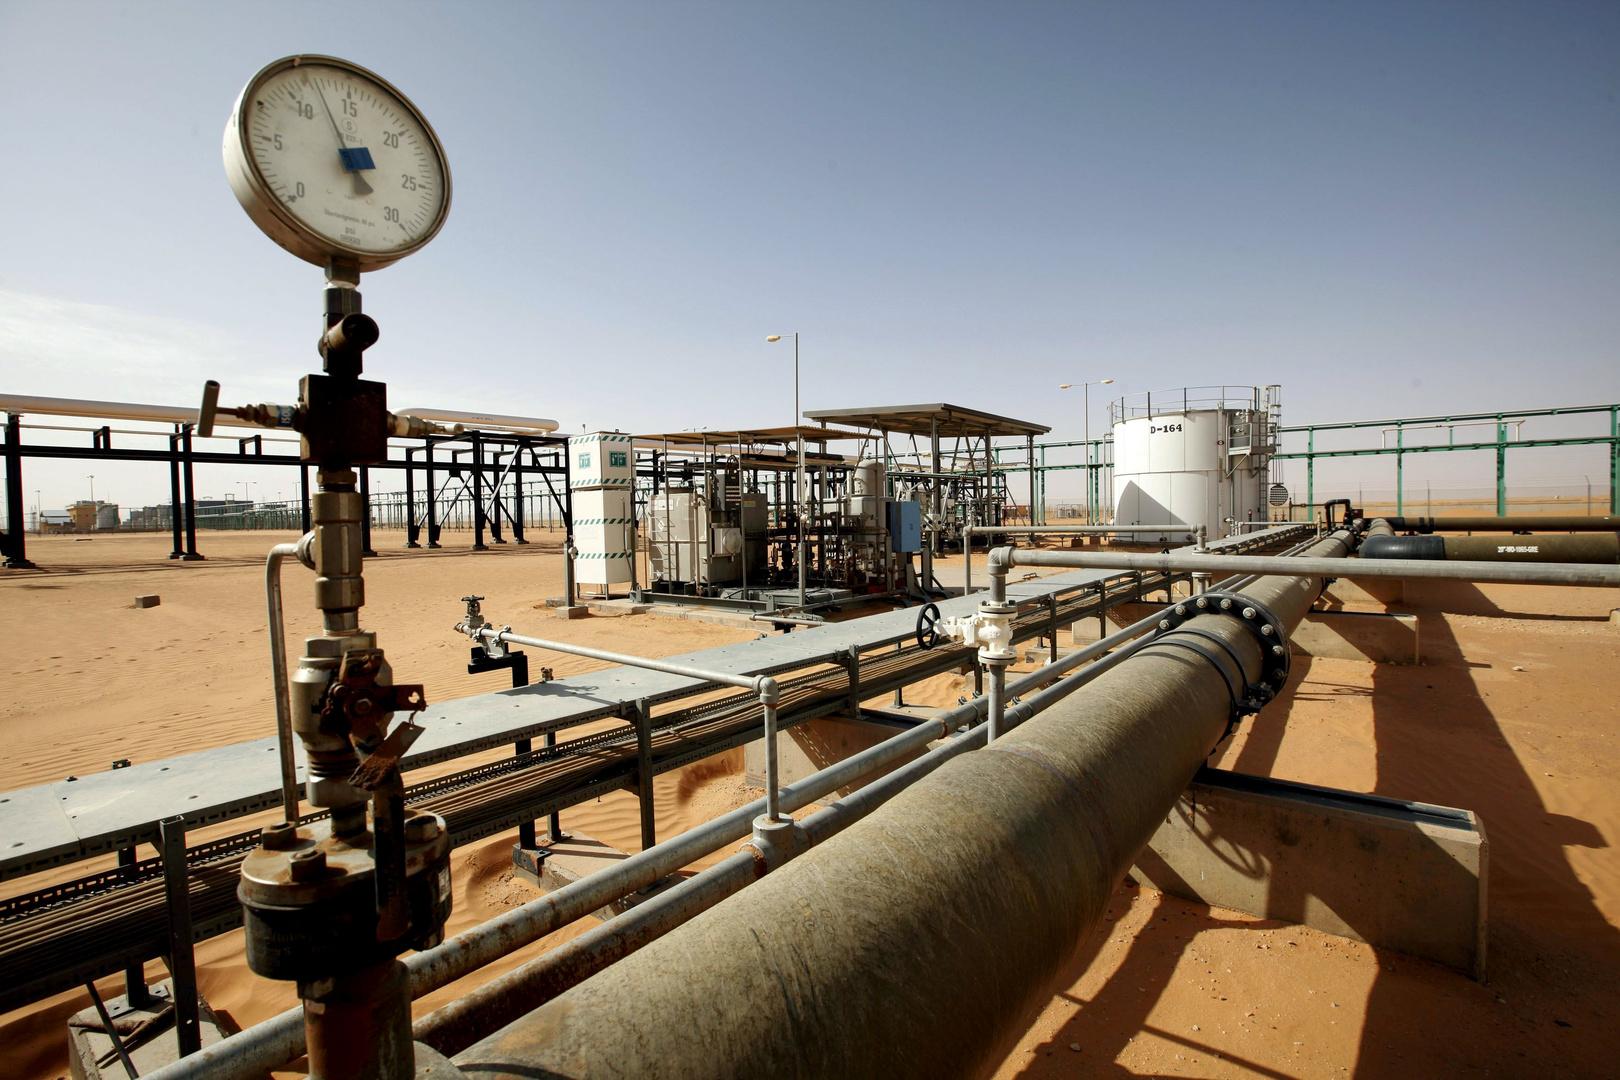 إيطاليا تؤكد أهمية استئناف إنتاج وتصدير النفط في ليبيا